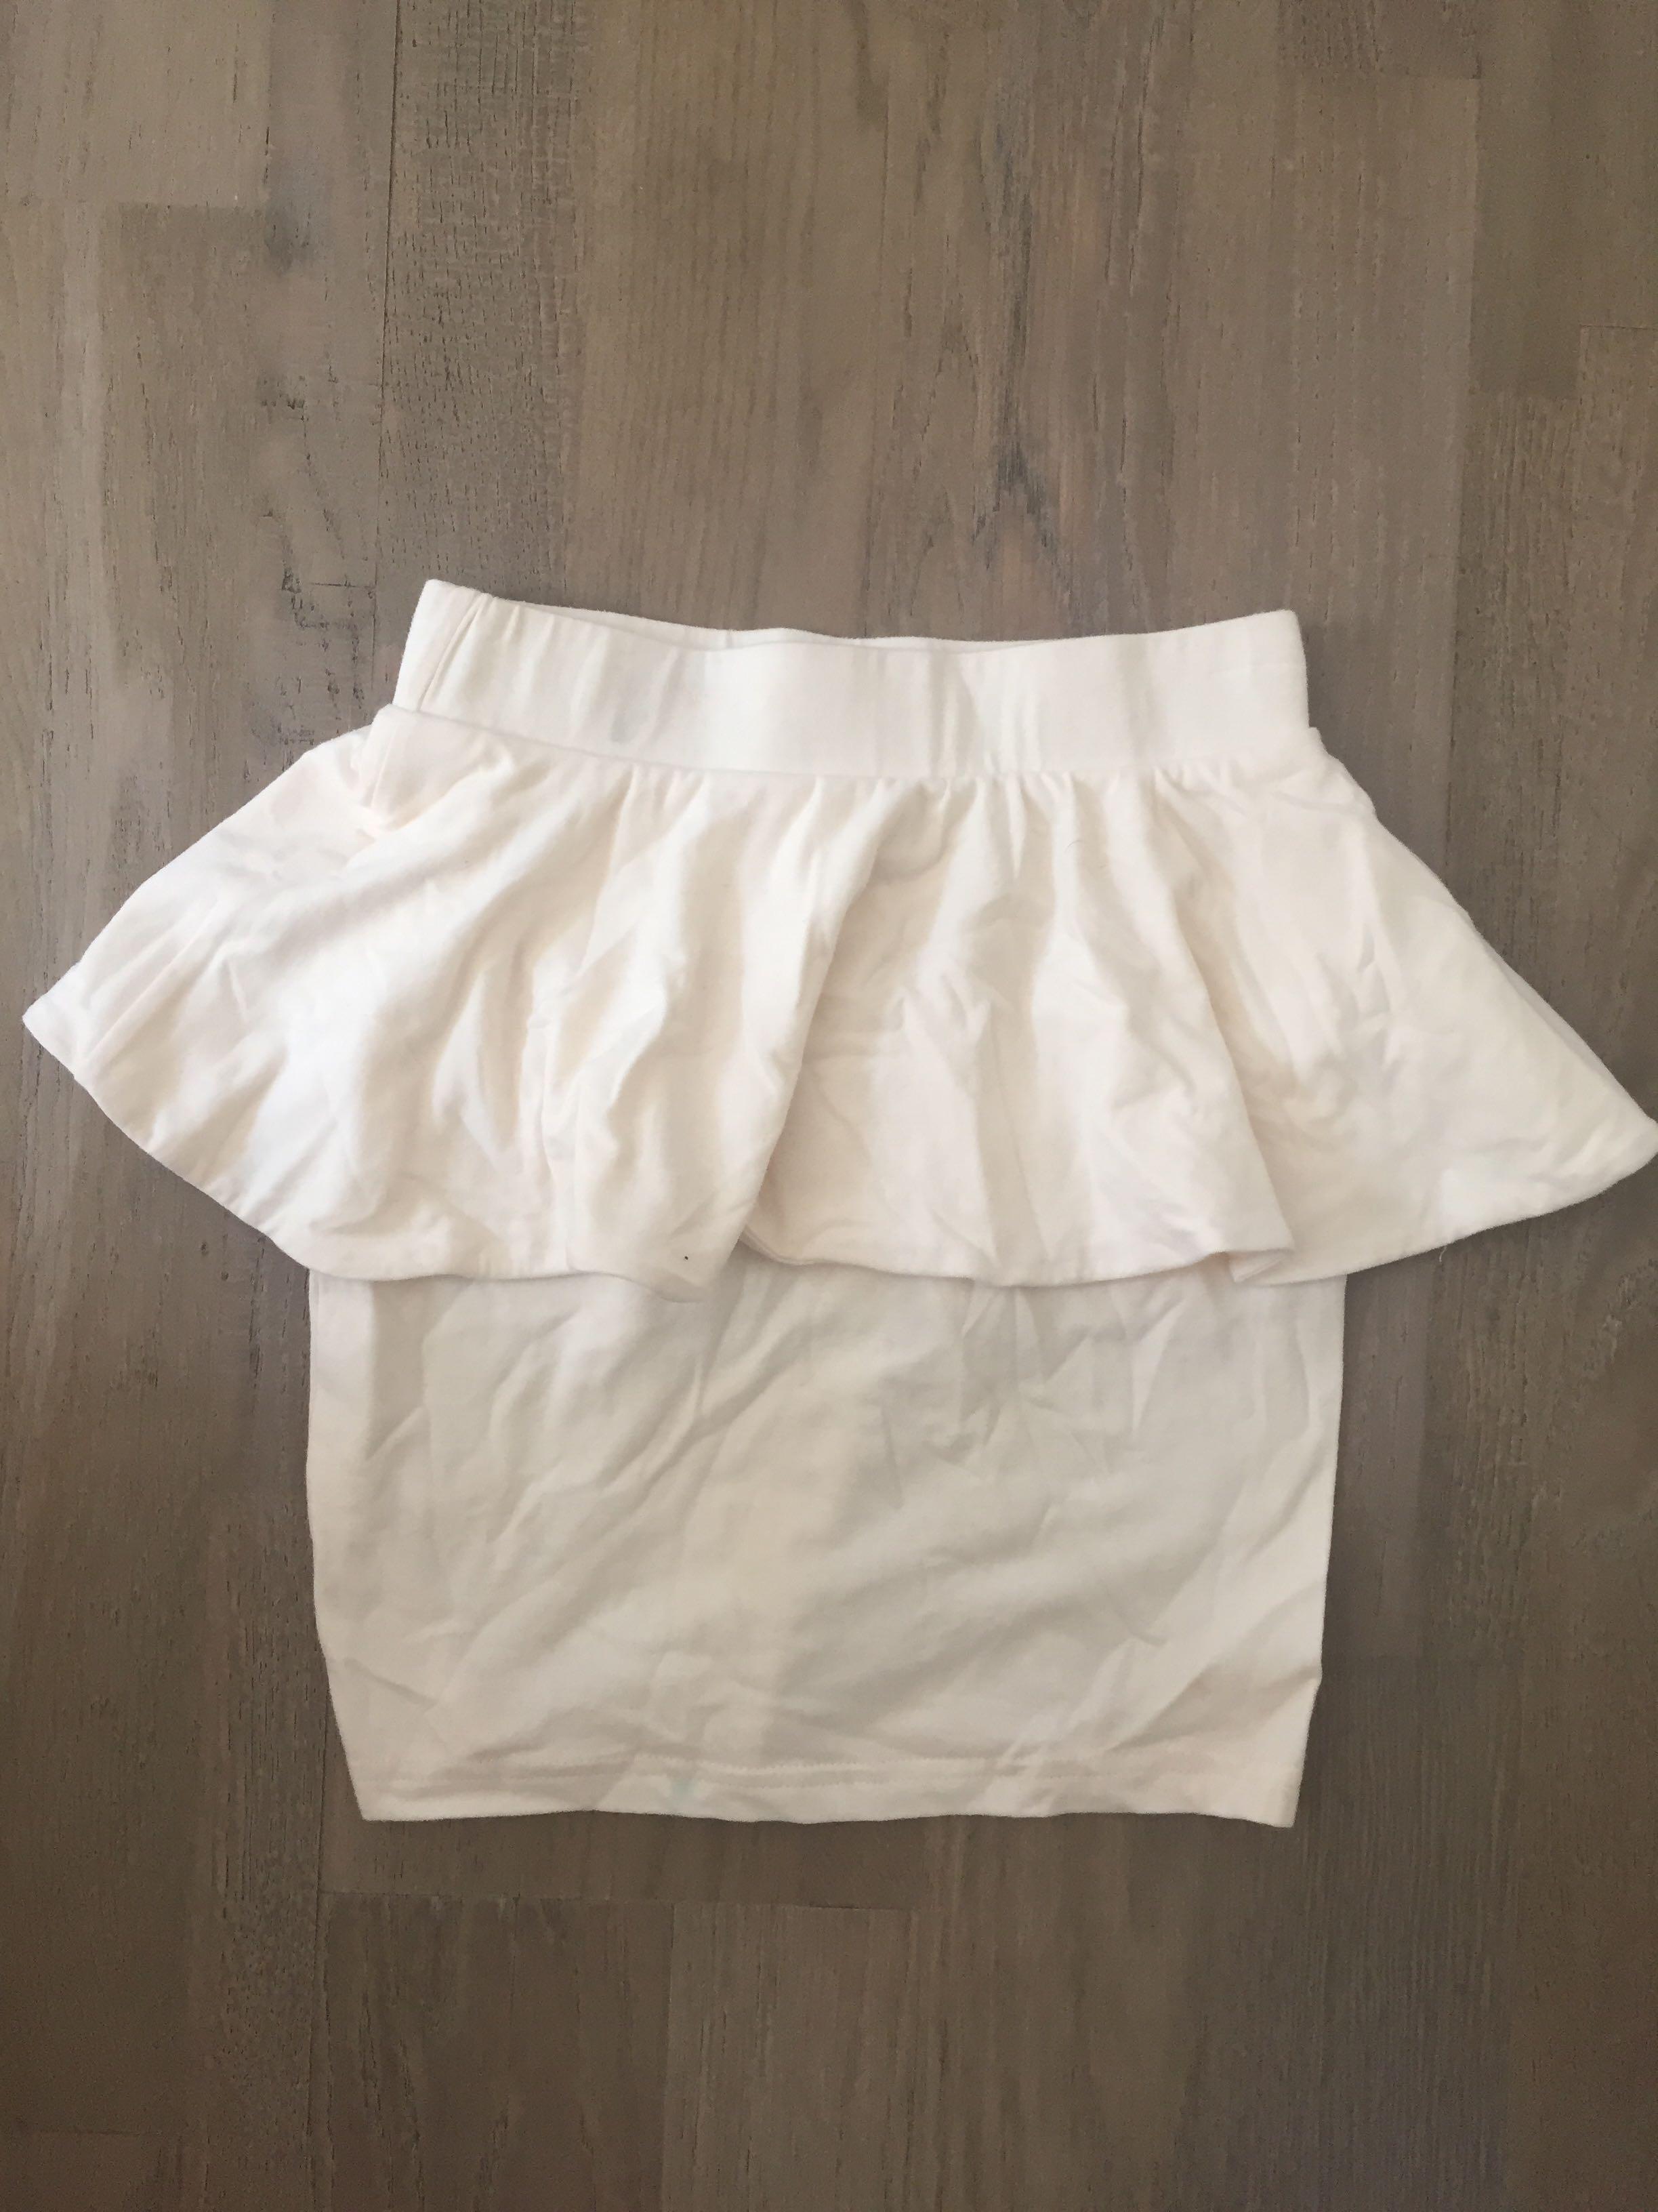 Size xxs cream peplum high waisted skirt excellent condition